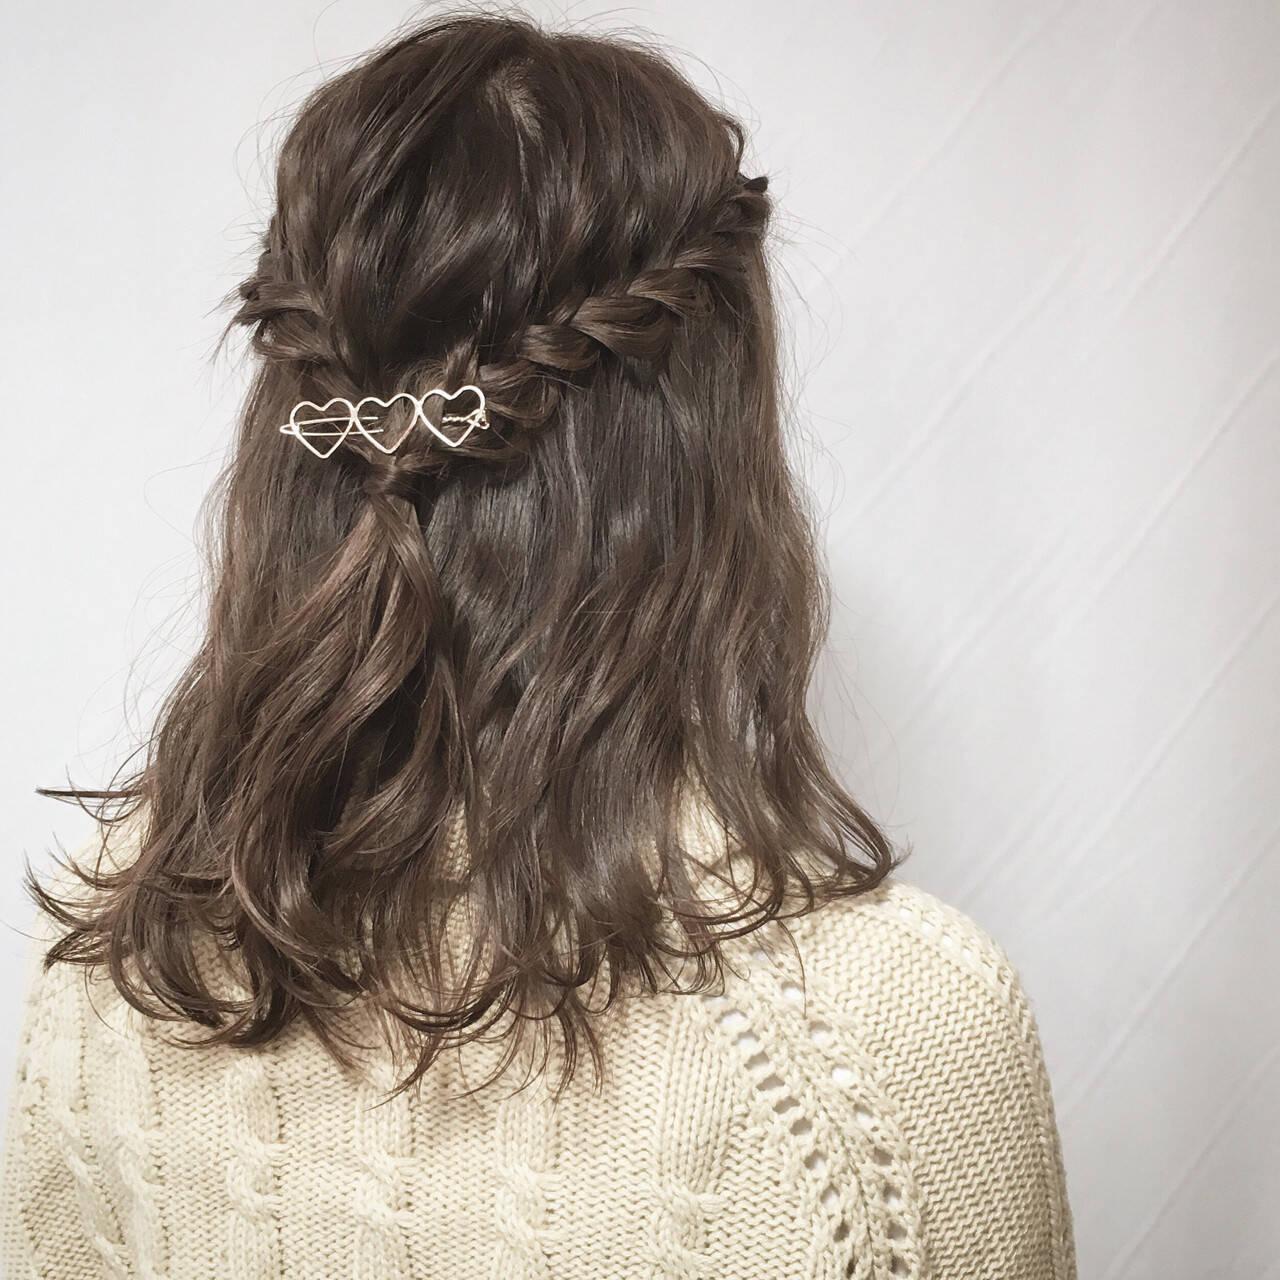 ガーリー 簡単ヘアアレンジ ミディアム 編み込みヘアスタイルや髪型の写真・画像